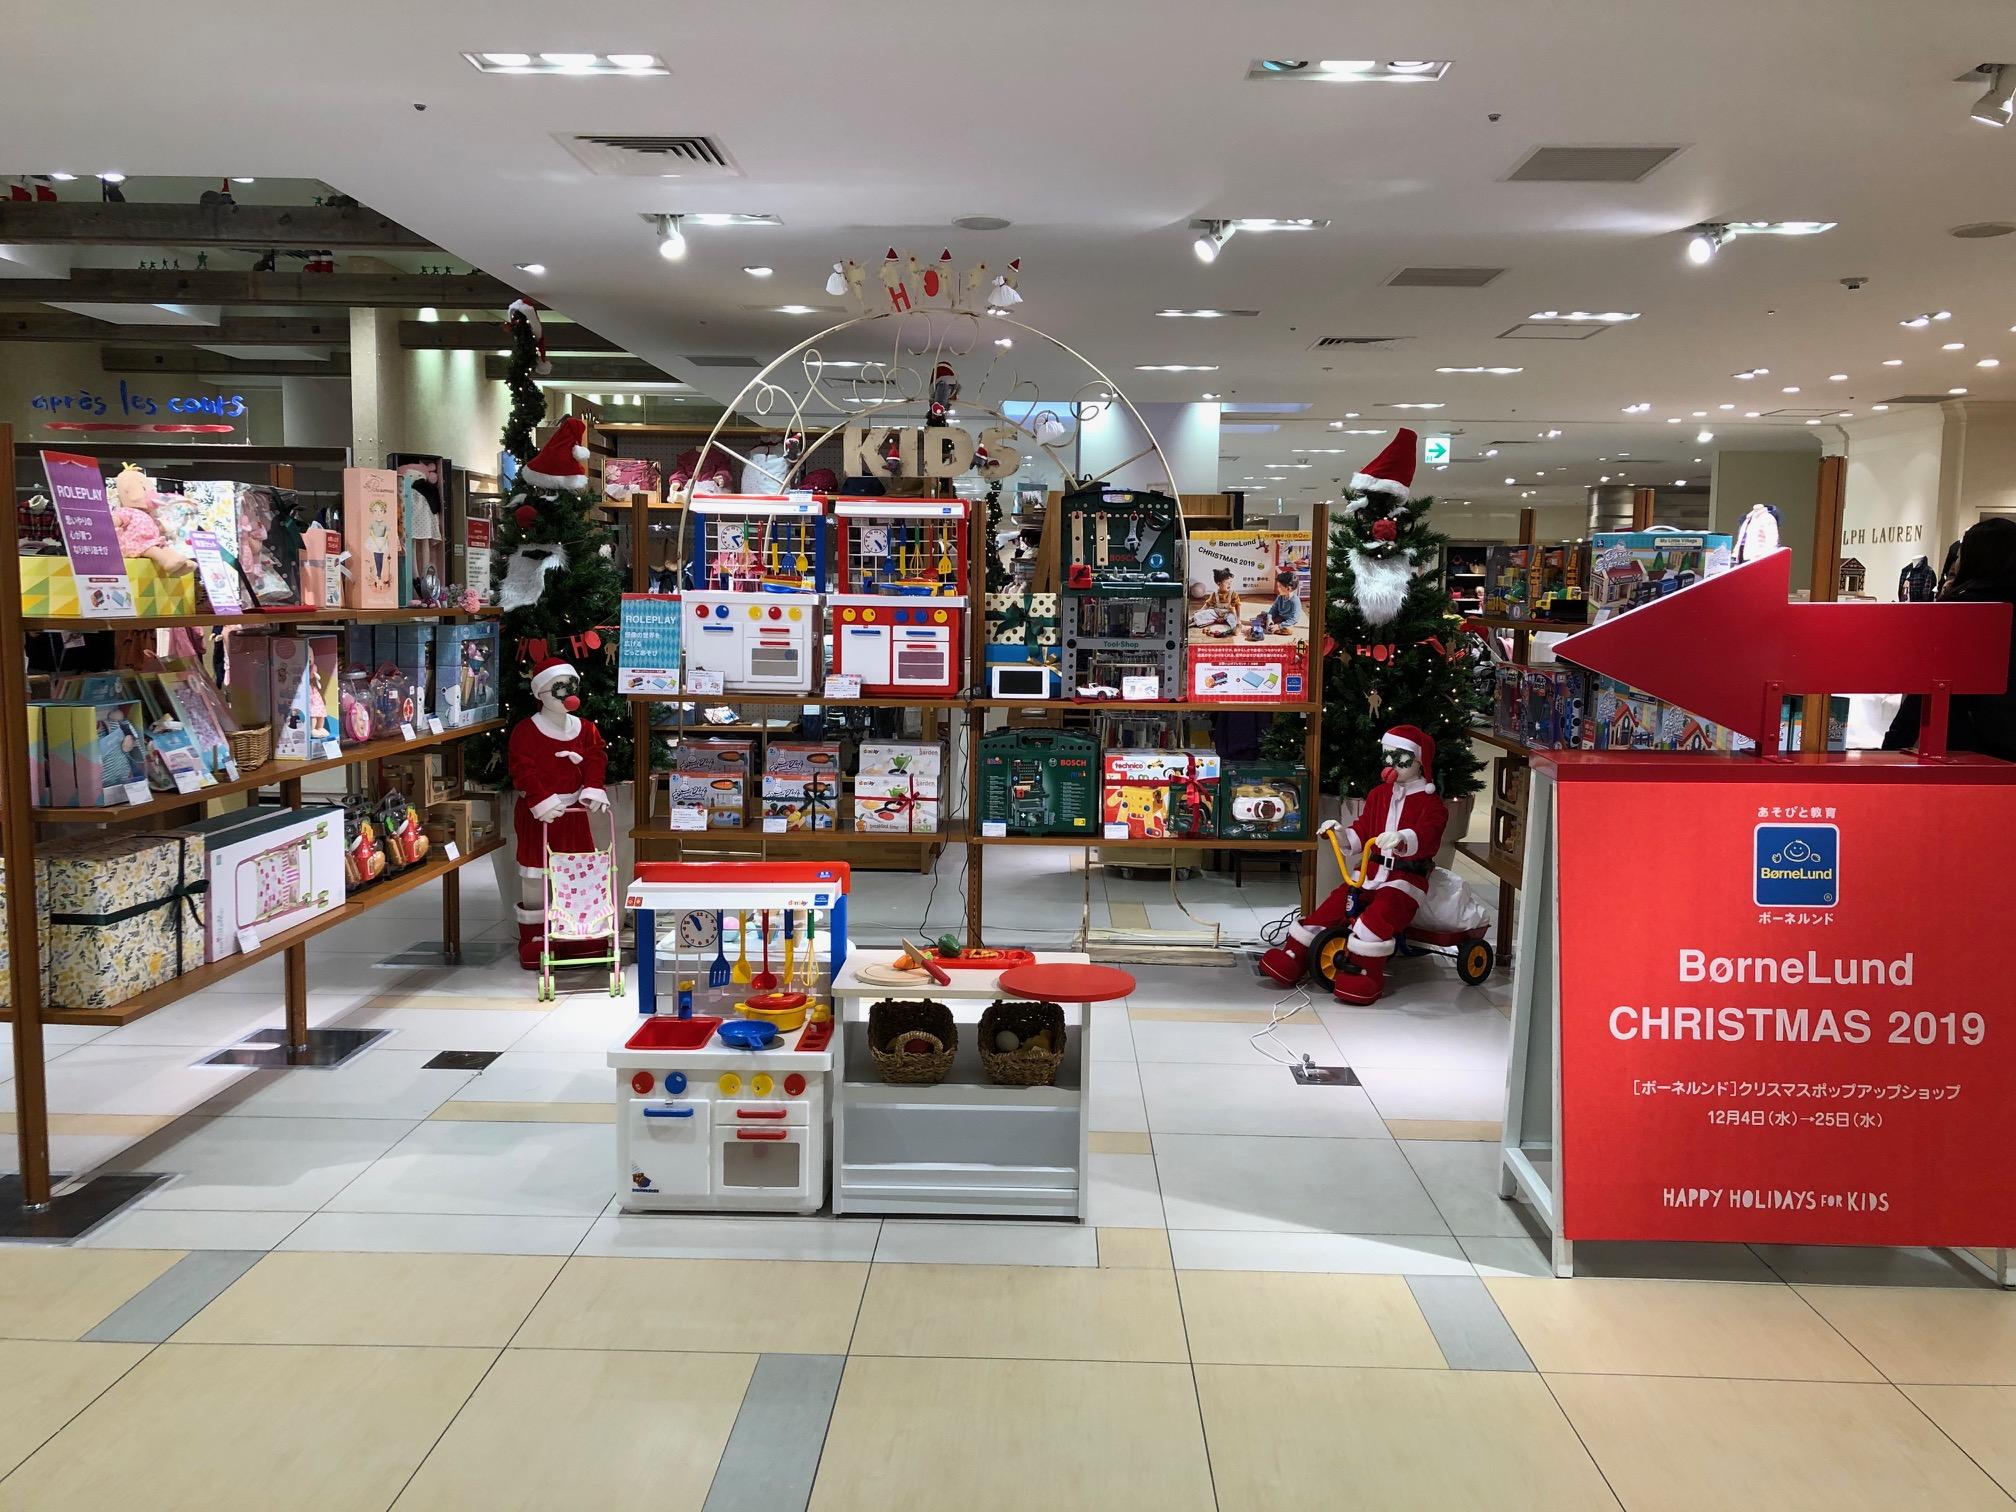 クリスマス期間限定売り場拡大のお知らせ